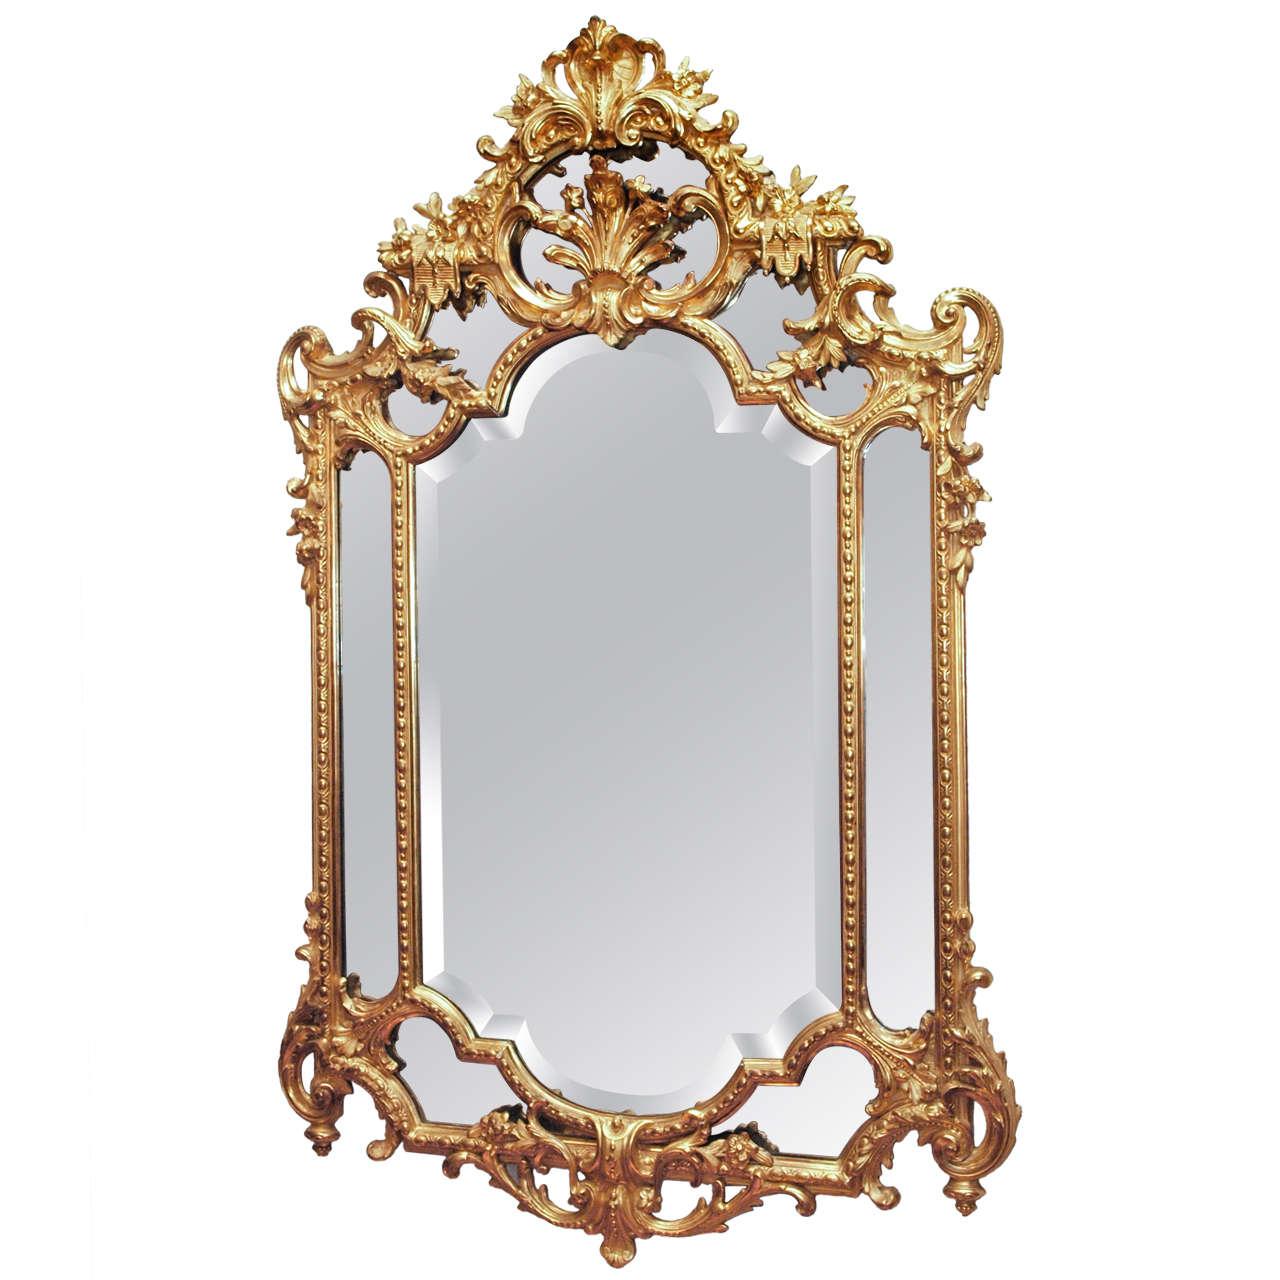 Antique Original Gold Leaf Mirror Circa 1880 For Sale At